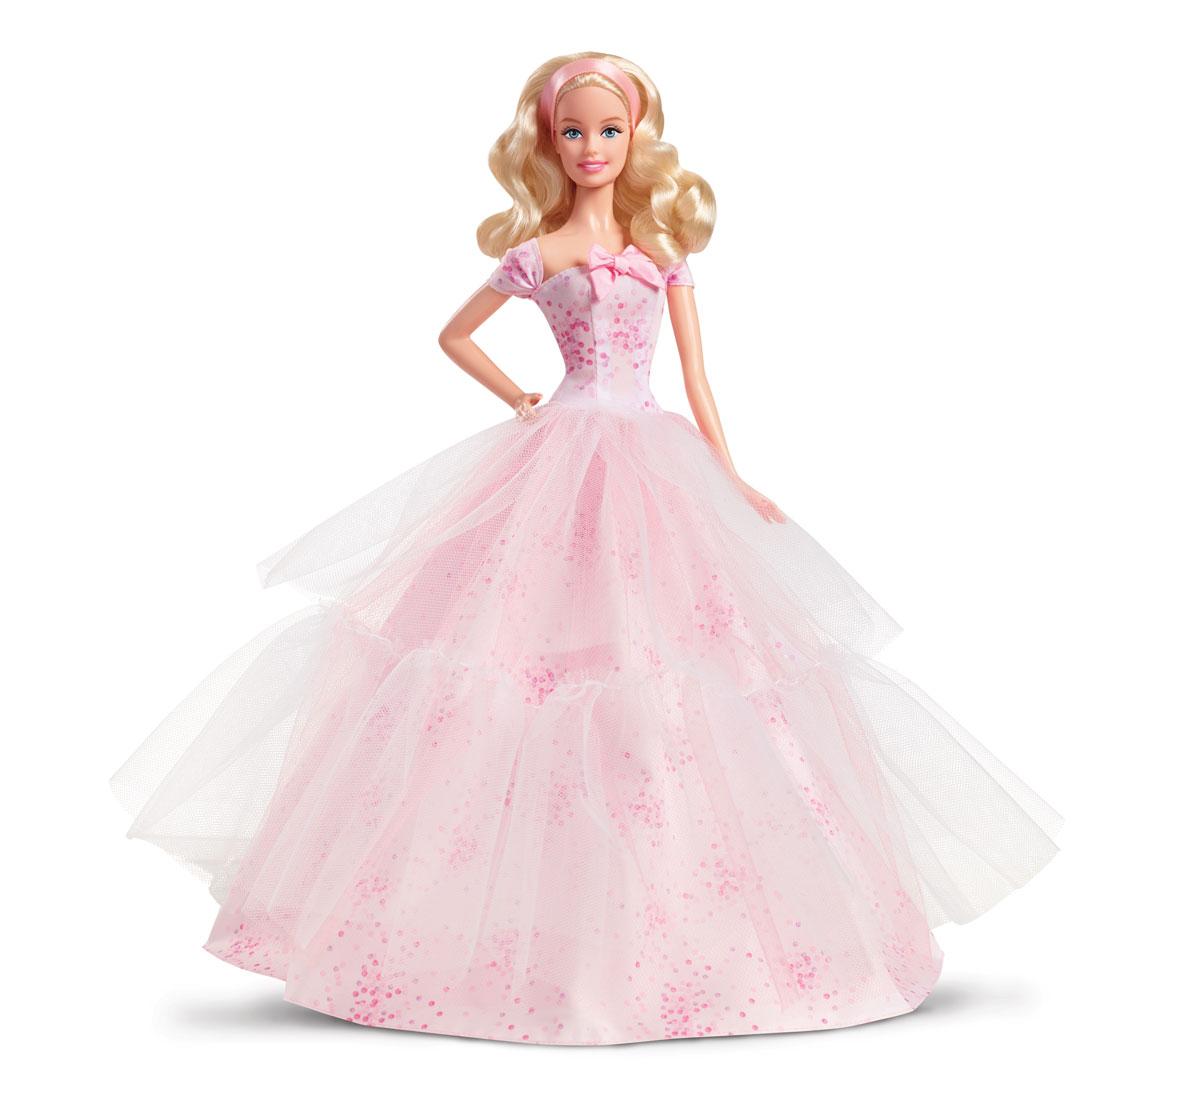 Barbie Кукла День рожденияDGW29Наконец-то! Этот особый день - единственный в году - наступил! Задувай свечи и загадывай желание, чтобы этот год был радостным и чудесным. С днем рождения! Великолепная коллекционная кукла Barbie День Рождения порадует вас качеством исполнения и доставит вам много удовольствия от часов, посвященных игре с ней. Кукла готова сразить всех наповал своей ослепительной красотой! Кукла с длинными вьющимися белокурыми волосами одета в великолепное приталенное платье нежно-розового цвета, дополненное красивым бантом на лифе, на ножках - изящные туфельки на высоких каблуках розового цвета. Яркий образ куколки дополняет атласная розовая лента в волосах Порадуйте свою малышку и себя таким великолепным подарком! Эта кукла приведет в восторг любого коллекционера и займет достойное место в каждой коллекции. В комплект входит куколка, подставка типа и сертификат подлинности.